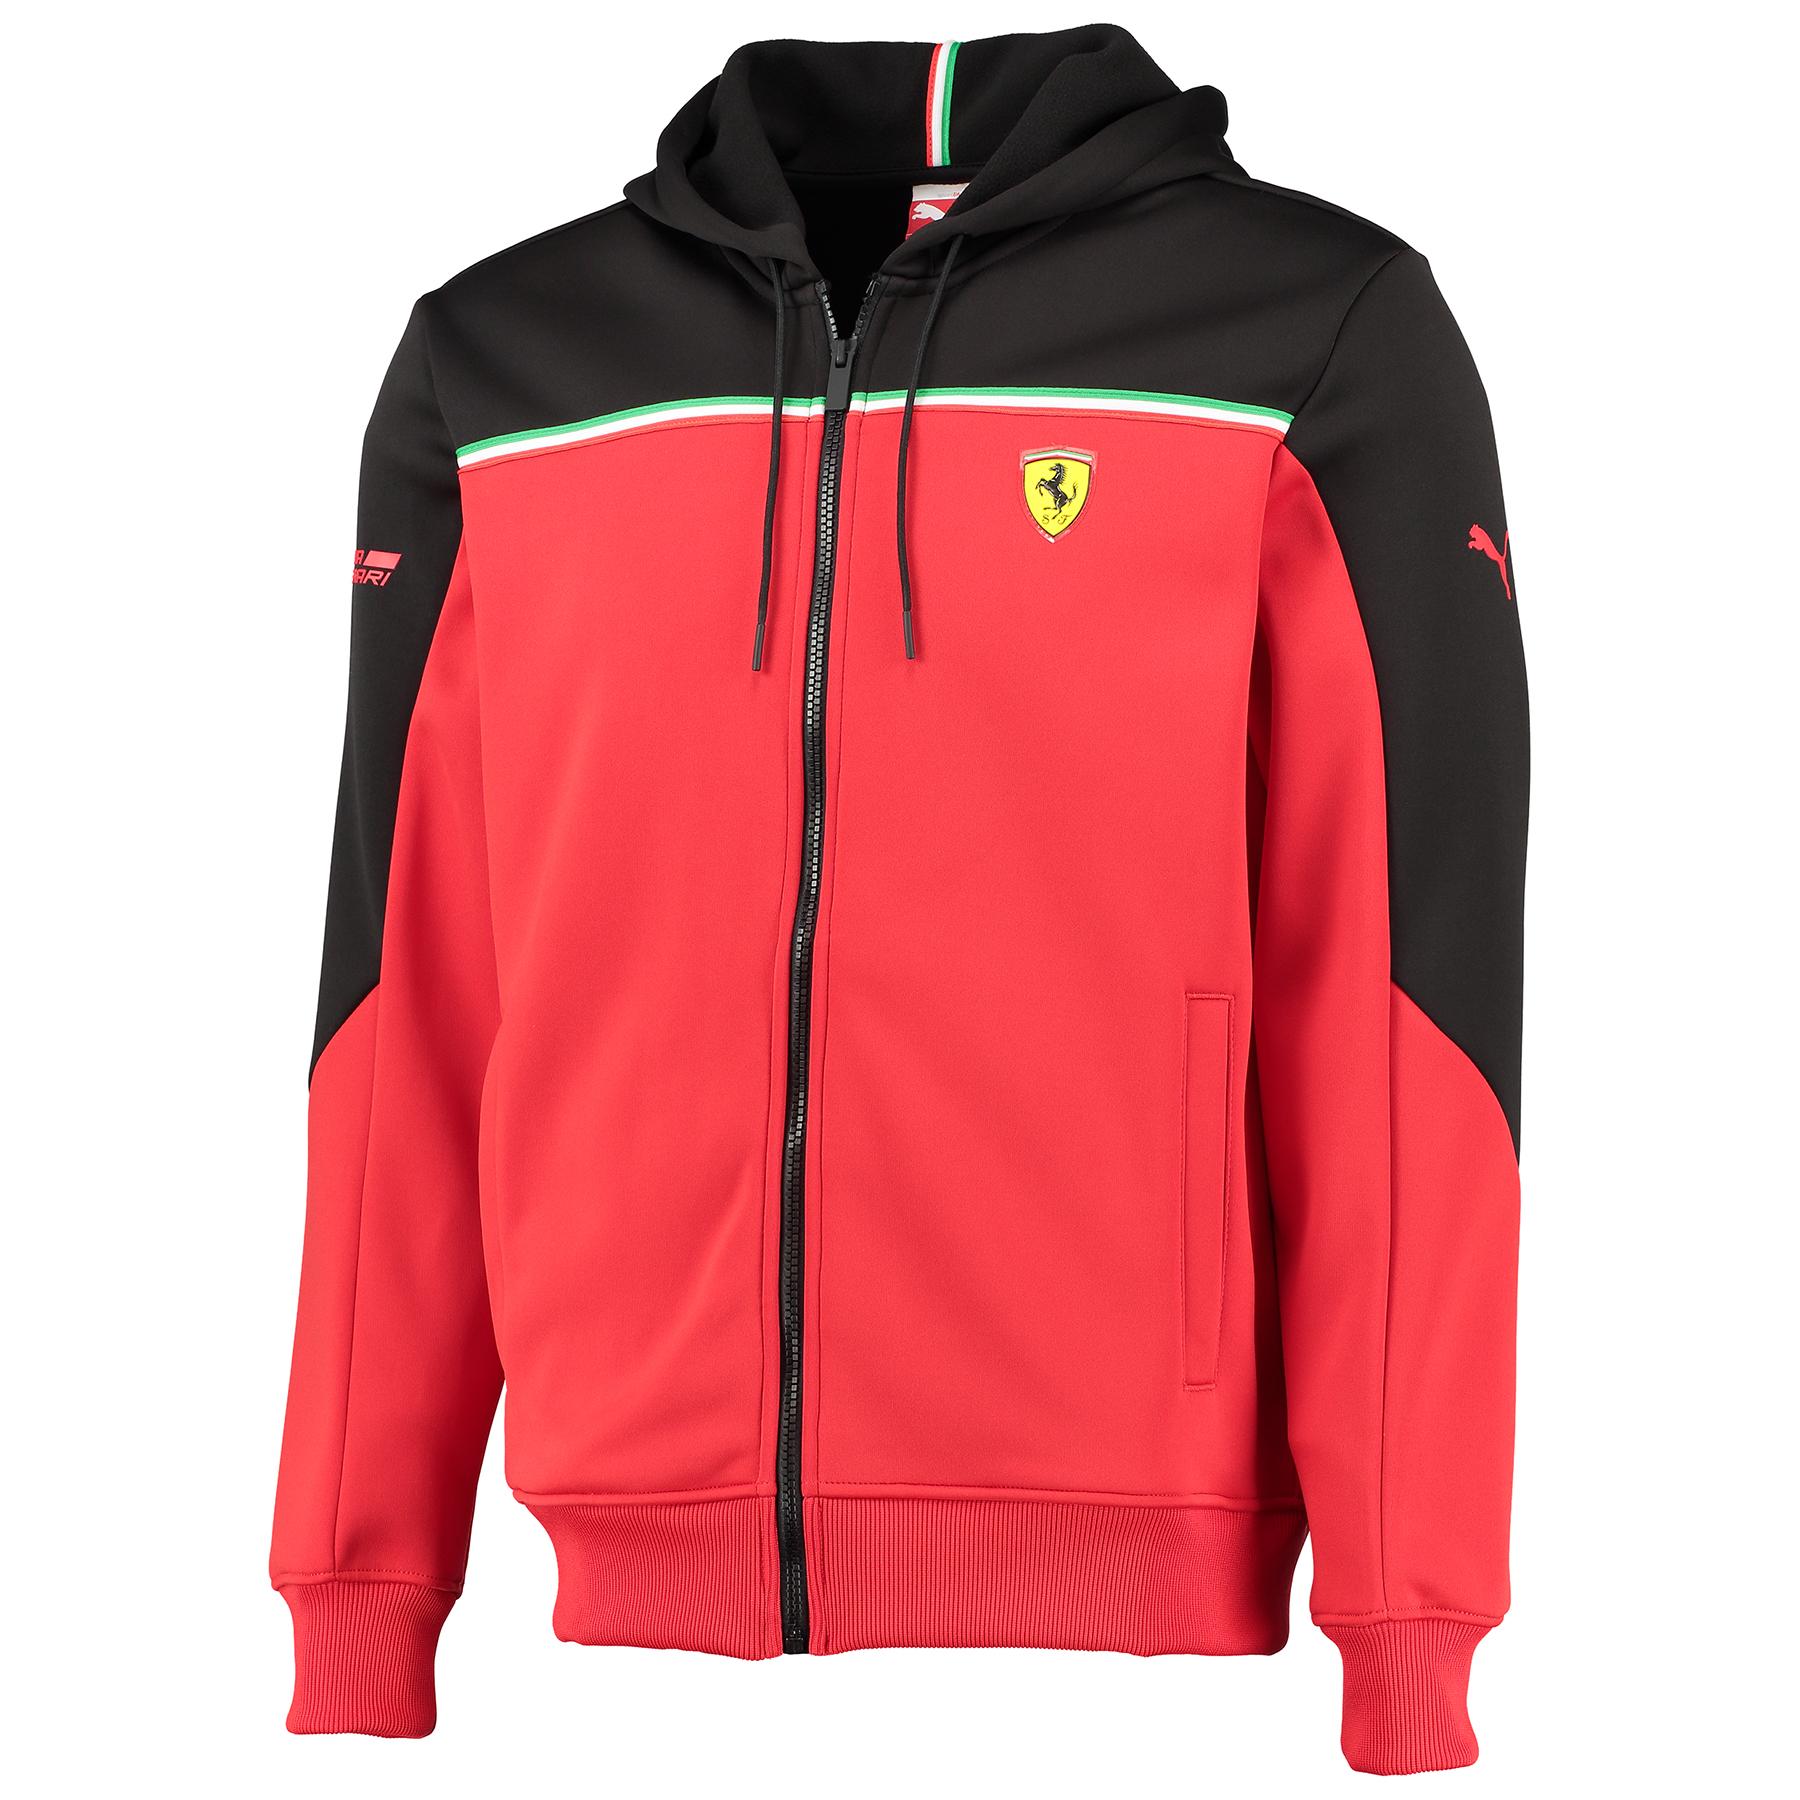 Buy Cheap Scuderia Puma Ferrari Compare Products Prices